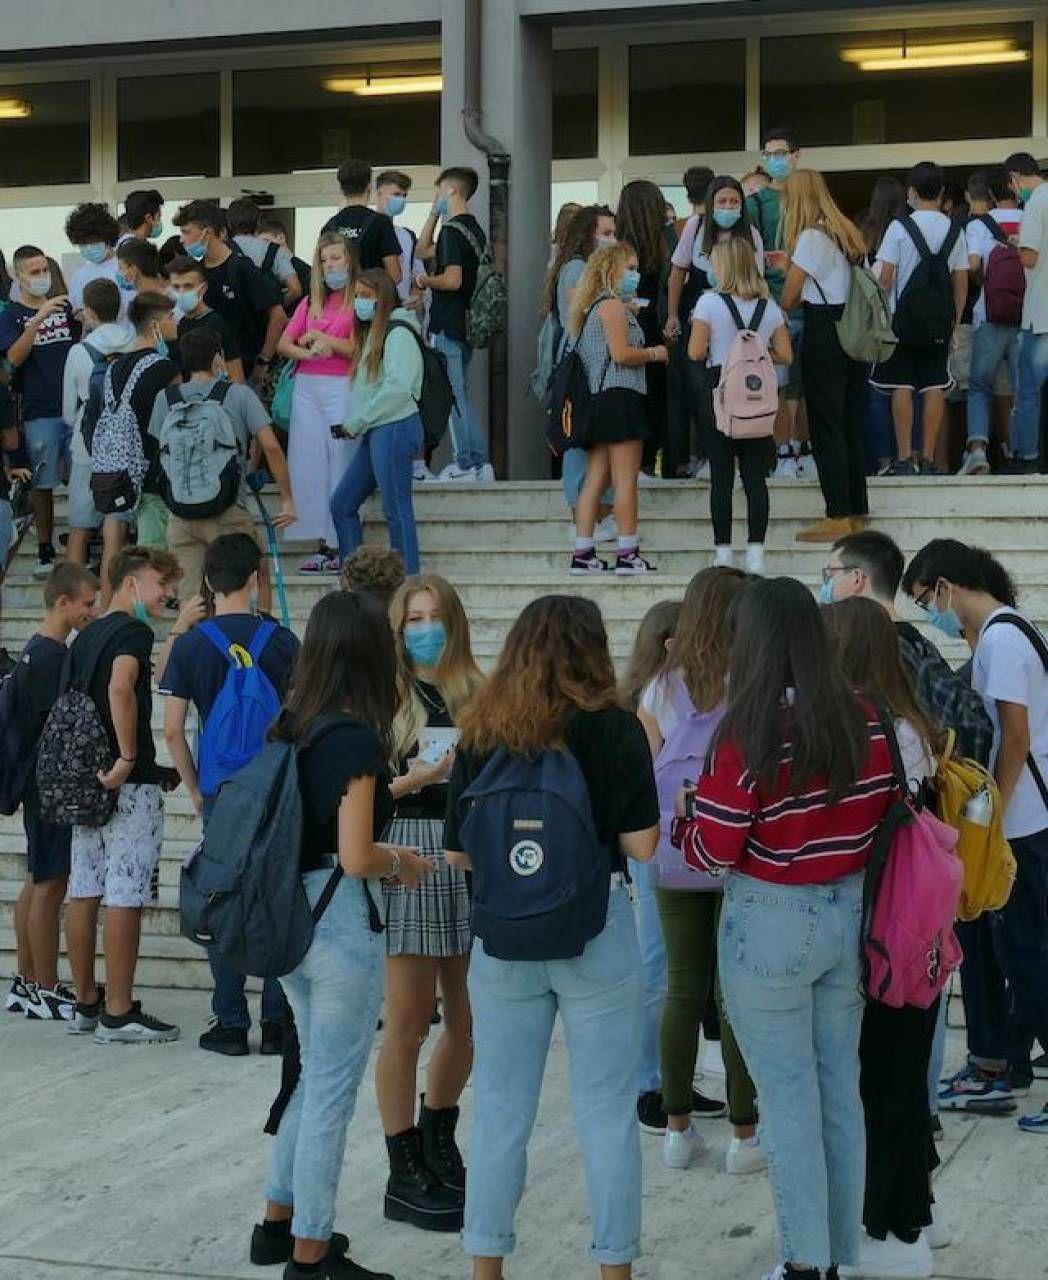 Studenti di un istituto superiore di Ancona, in attesa di entrare in aula per la lezione (foto Antic)